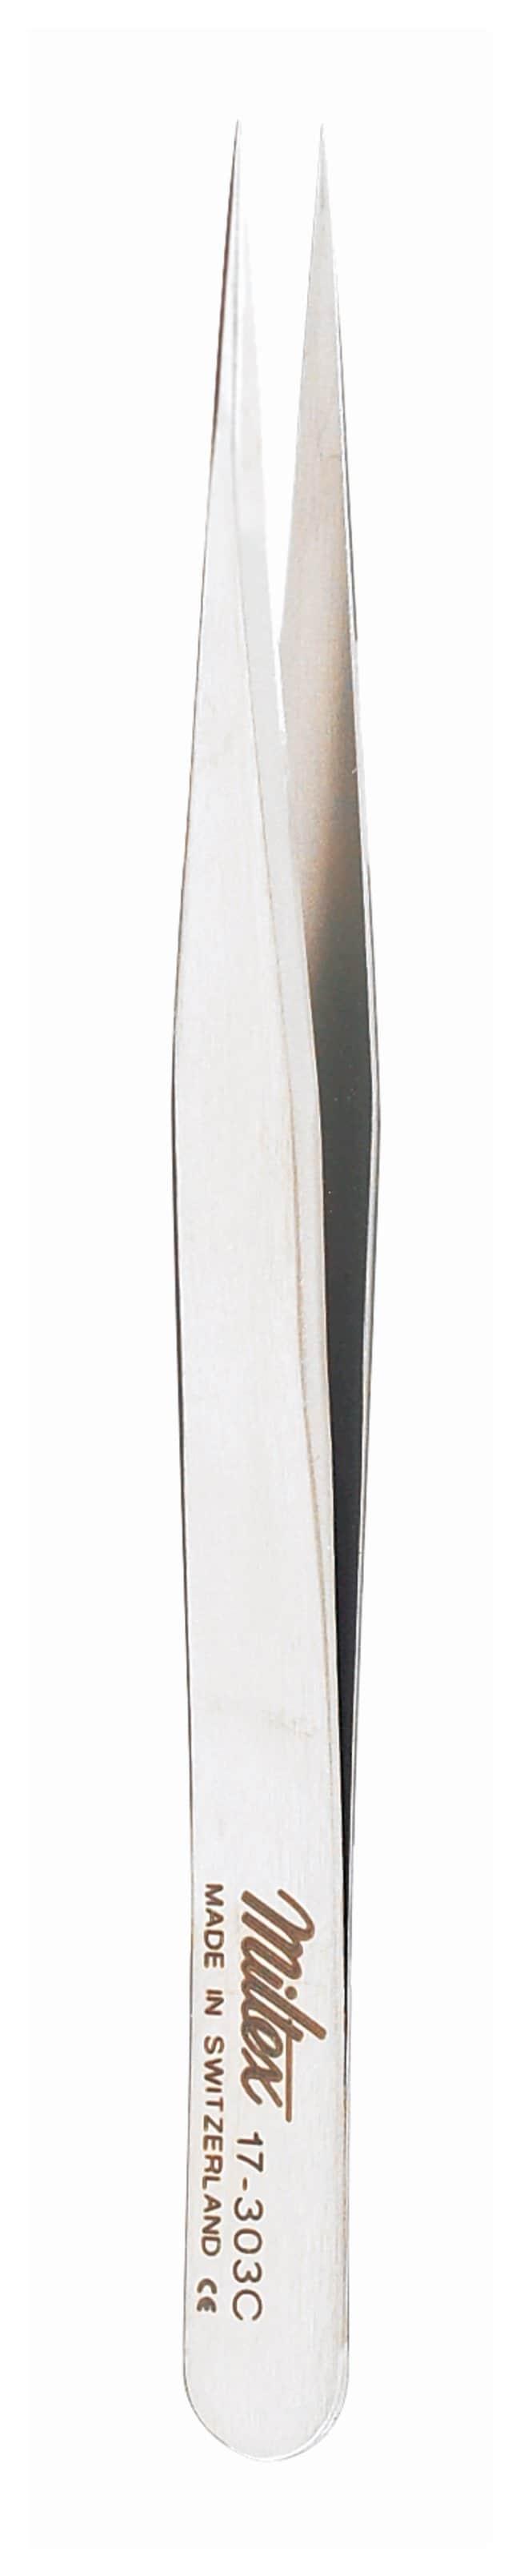 IntegraMiltex Swiss Jeweler-Style Forceps Style 3C; Narrow; ExtraFine;